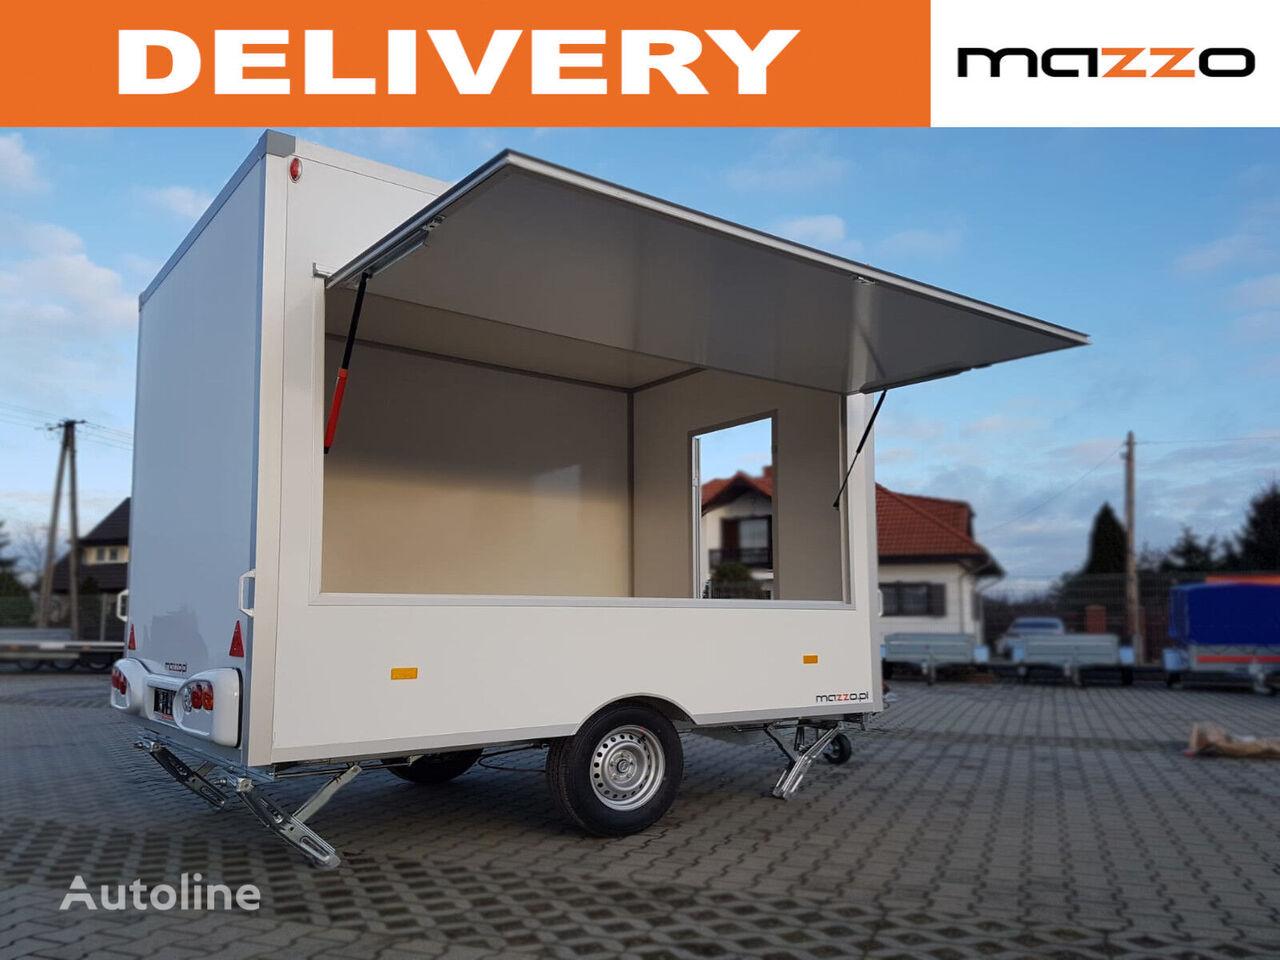 NIEWIADOW H13301H 3x2.03x2.3m Mobile catering trailer street Verkaufsanhän remolque de venta nuevo